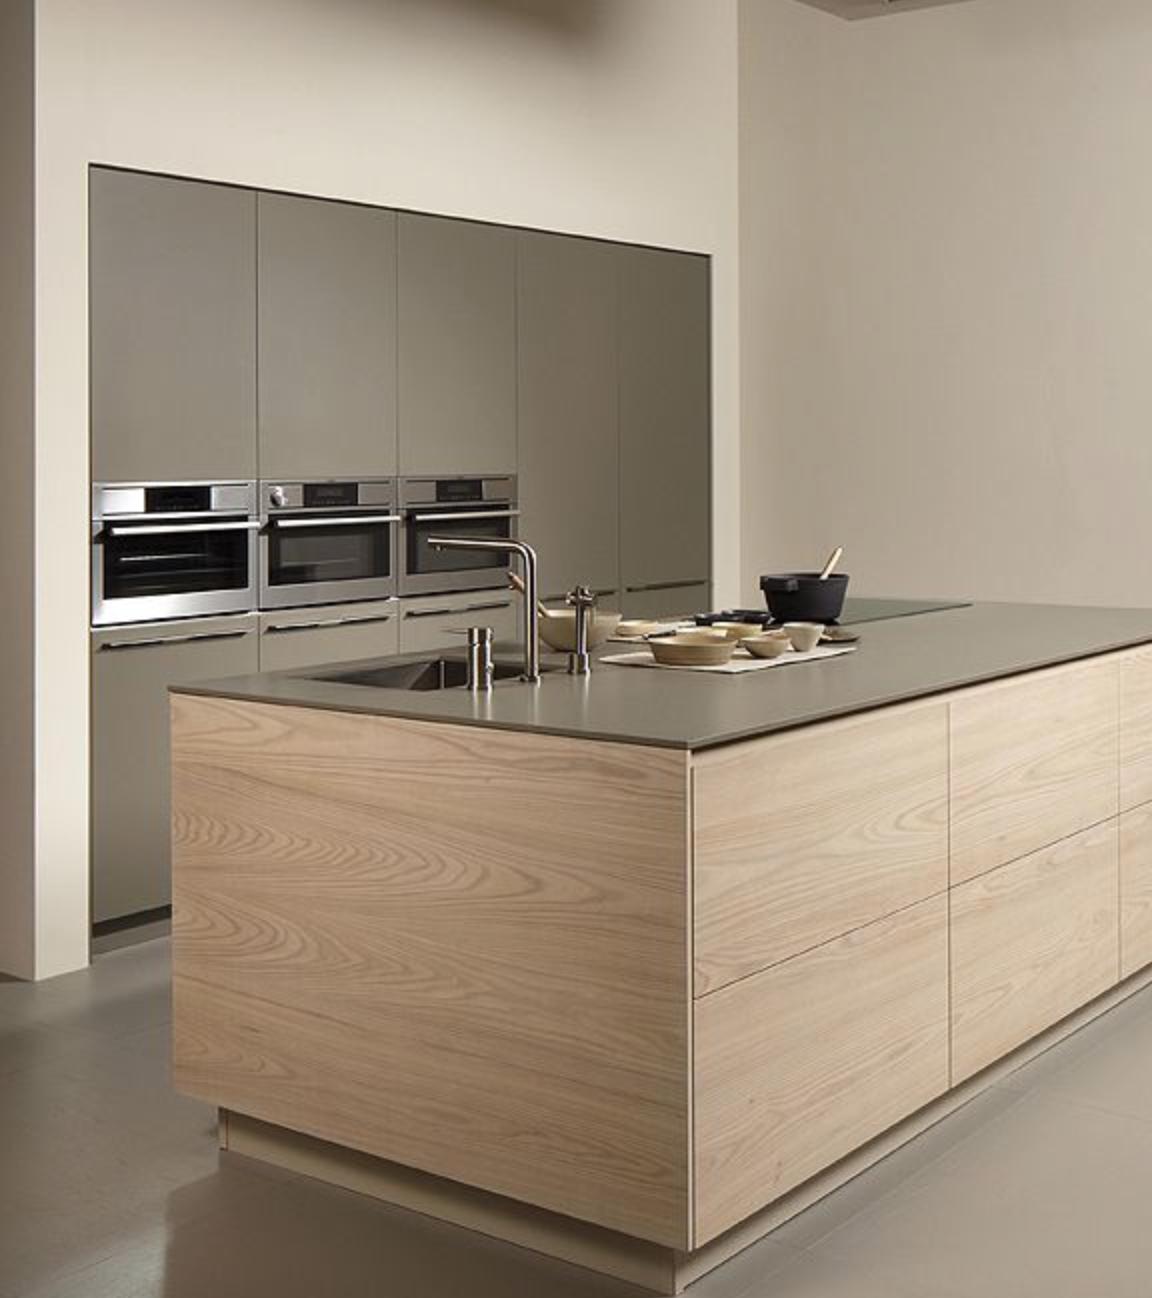 Küchenschrank Mit Rollo: Kleine Zimmerrenovierung